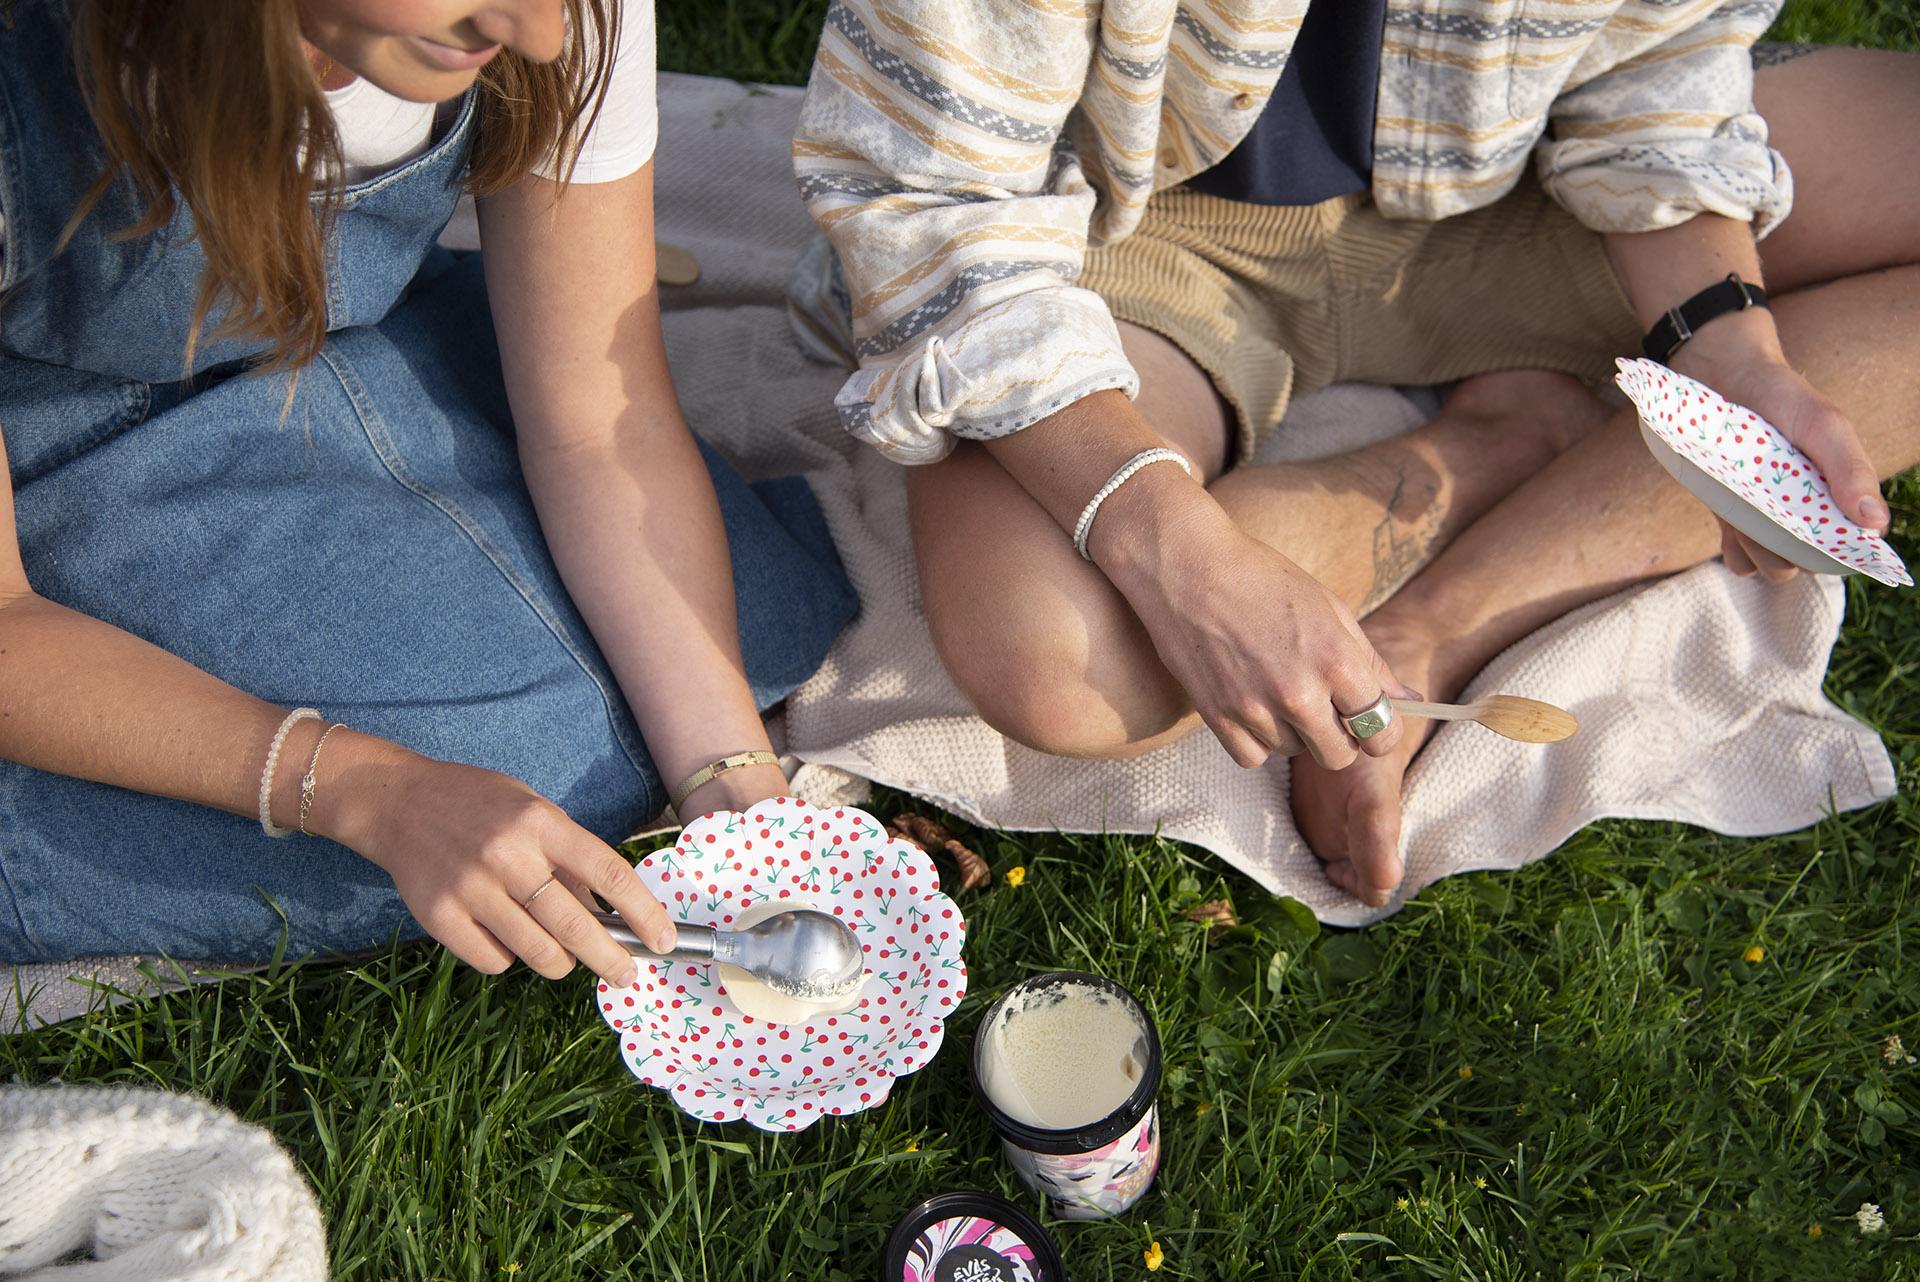 To personer spiser iskrem i parken.